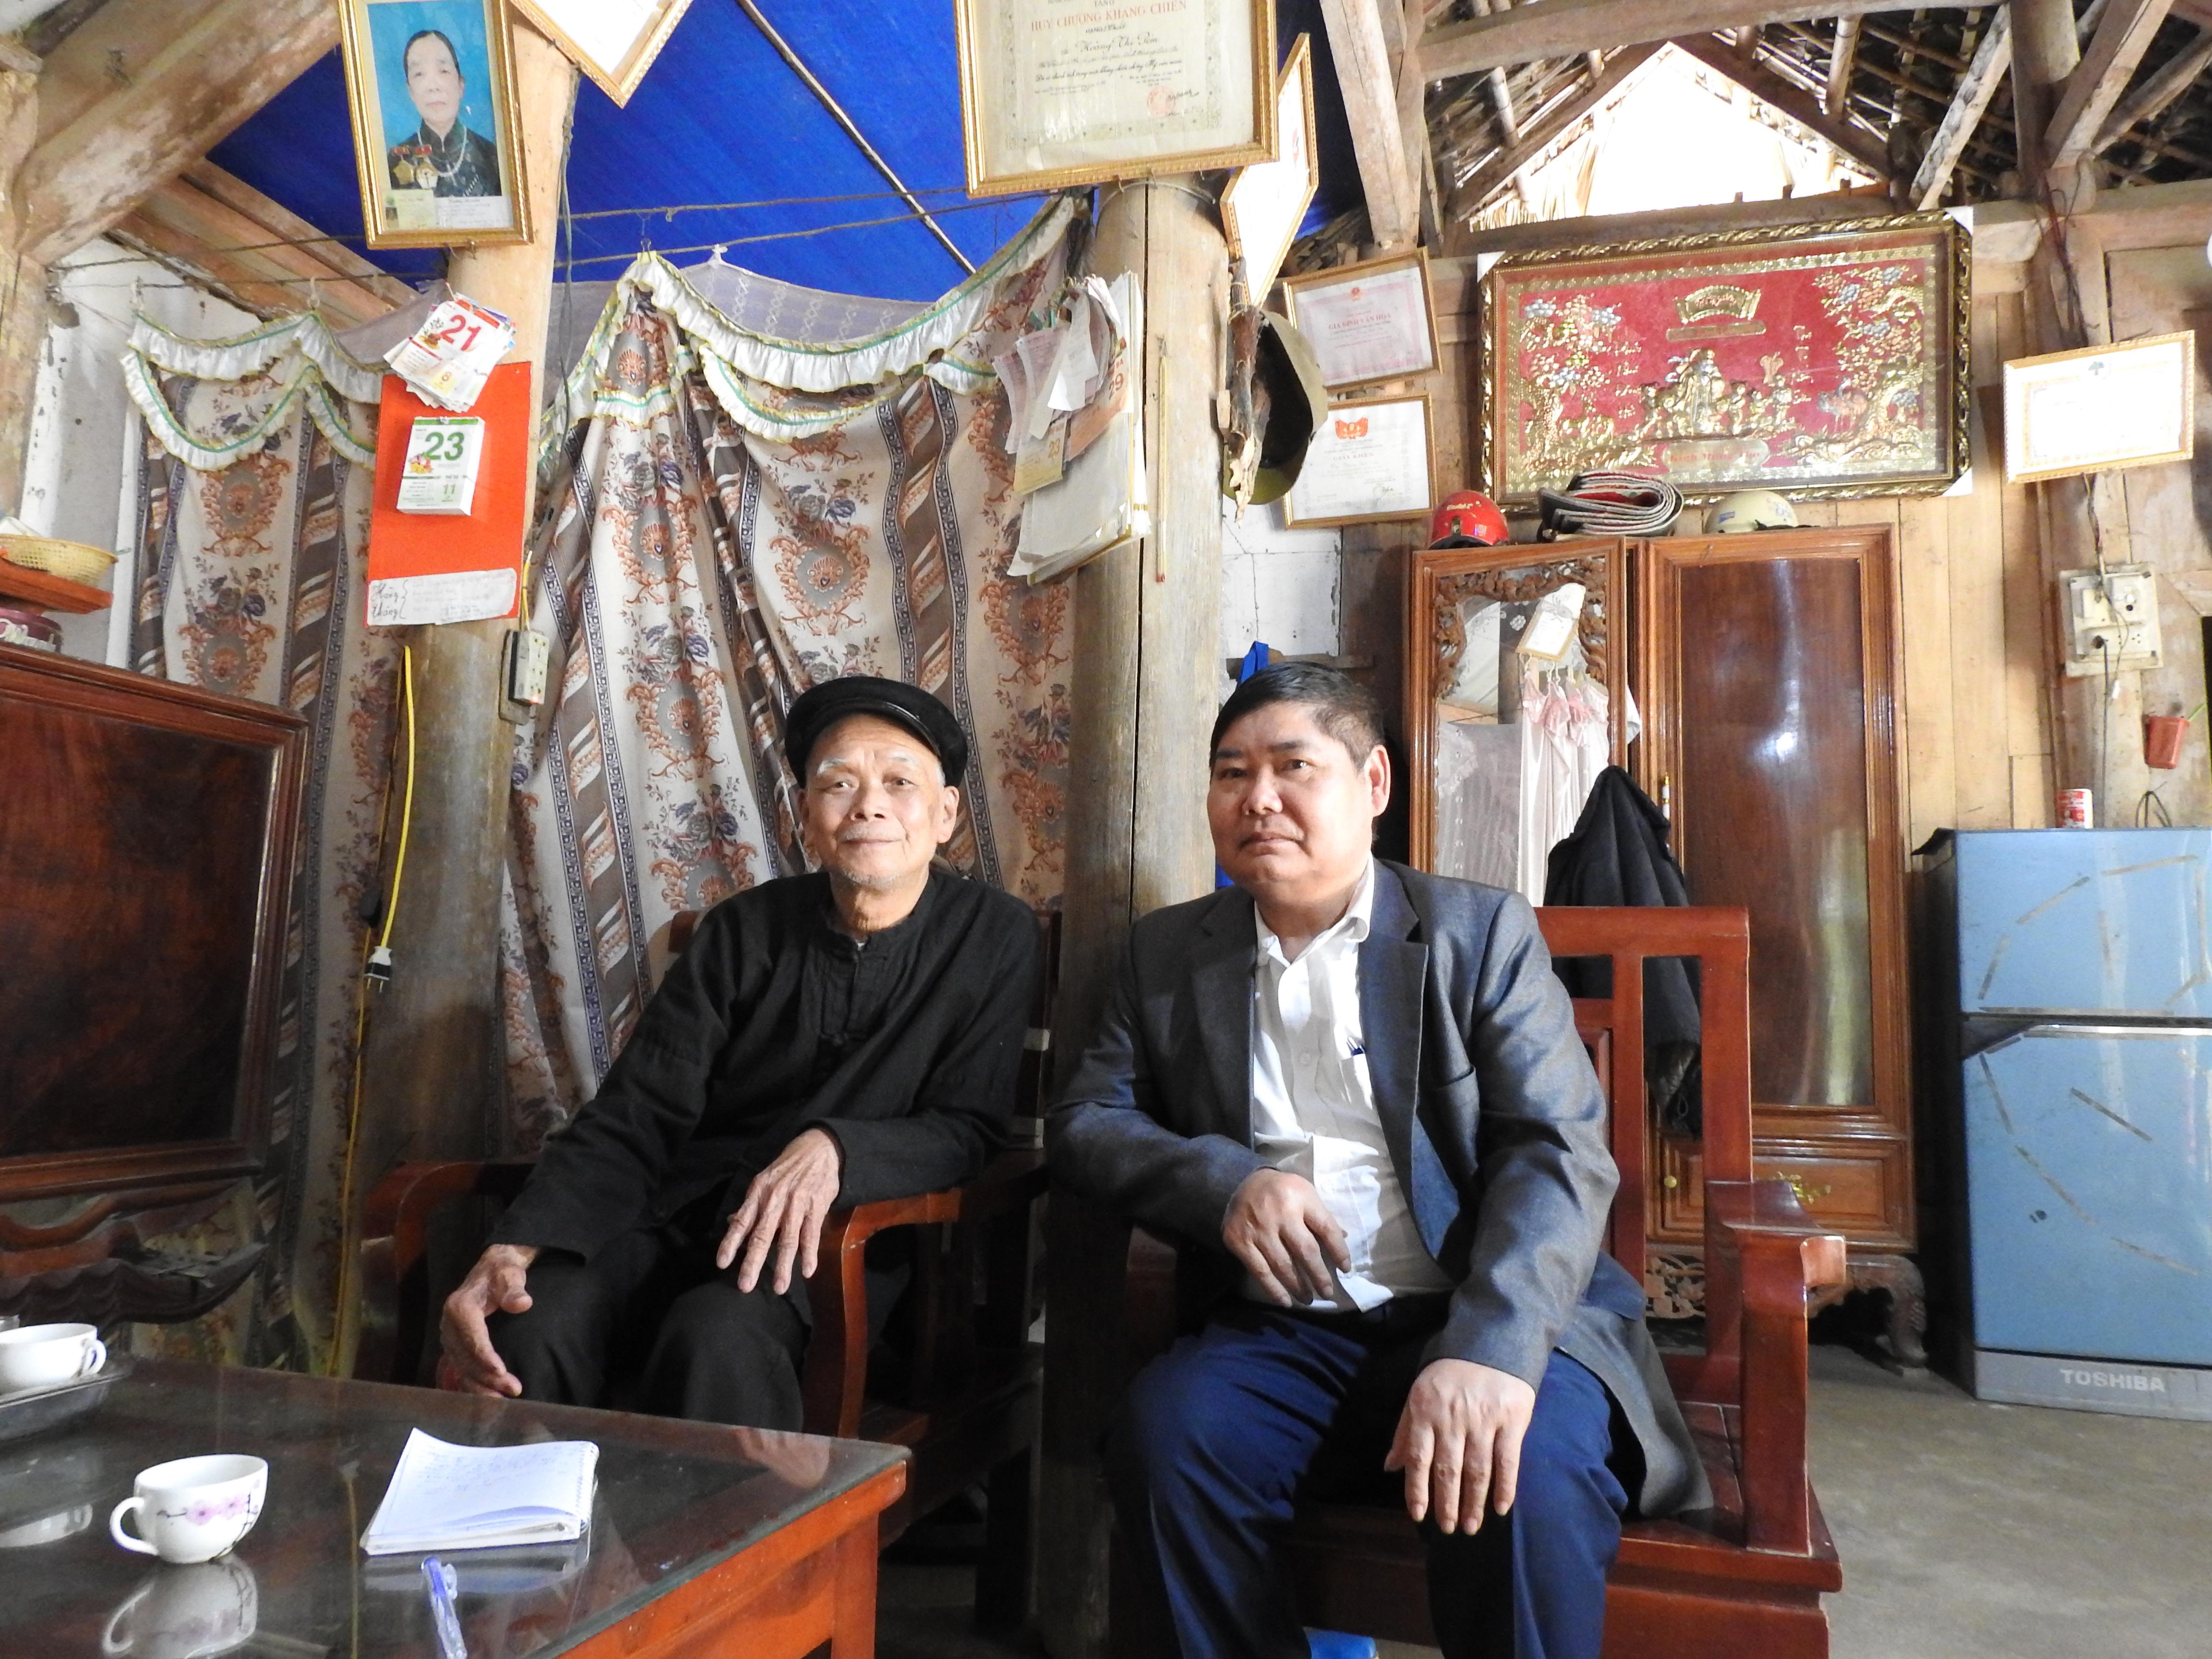 Ông Dương Quốc Đậu (bên trái) trò chuyện cùng ông Đặng Văn Lả, Bí thư Đảng ủy xã Châu Quế Thượng